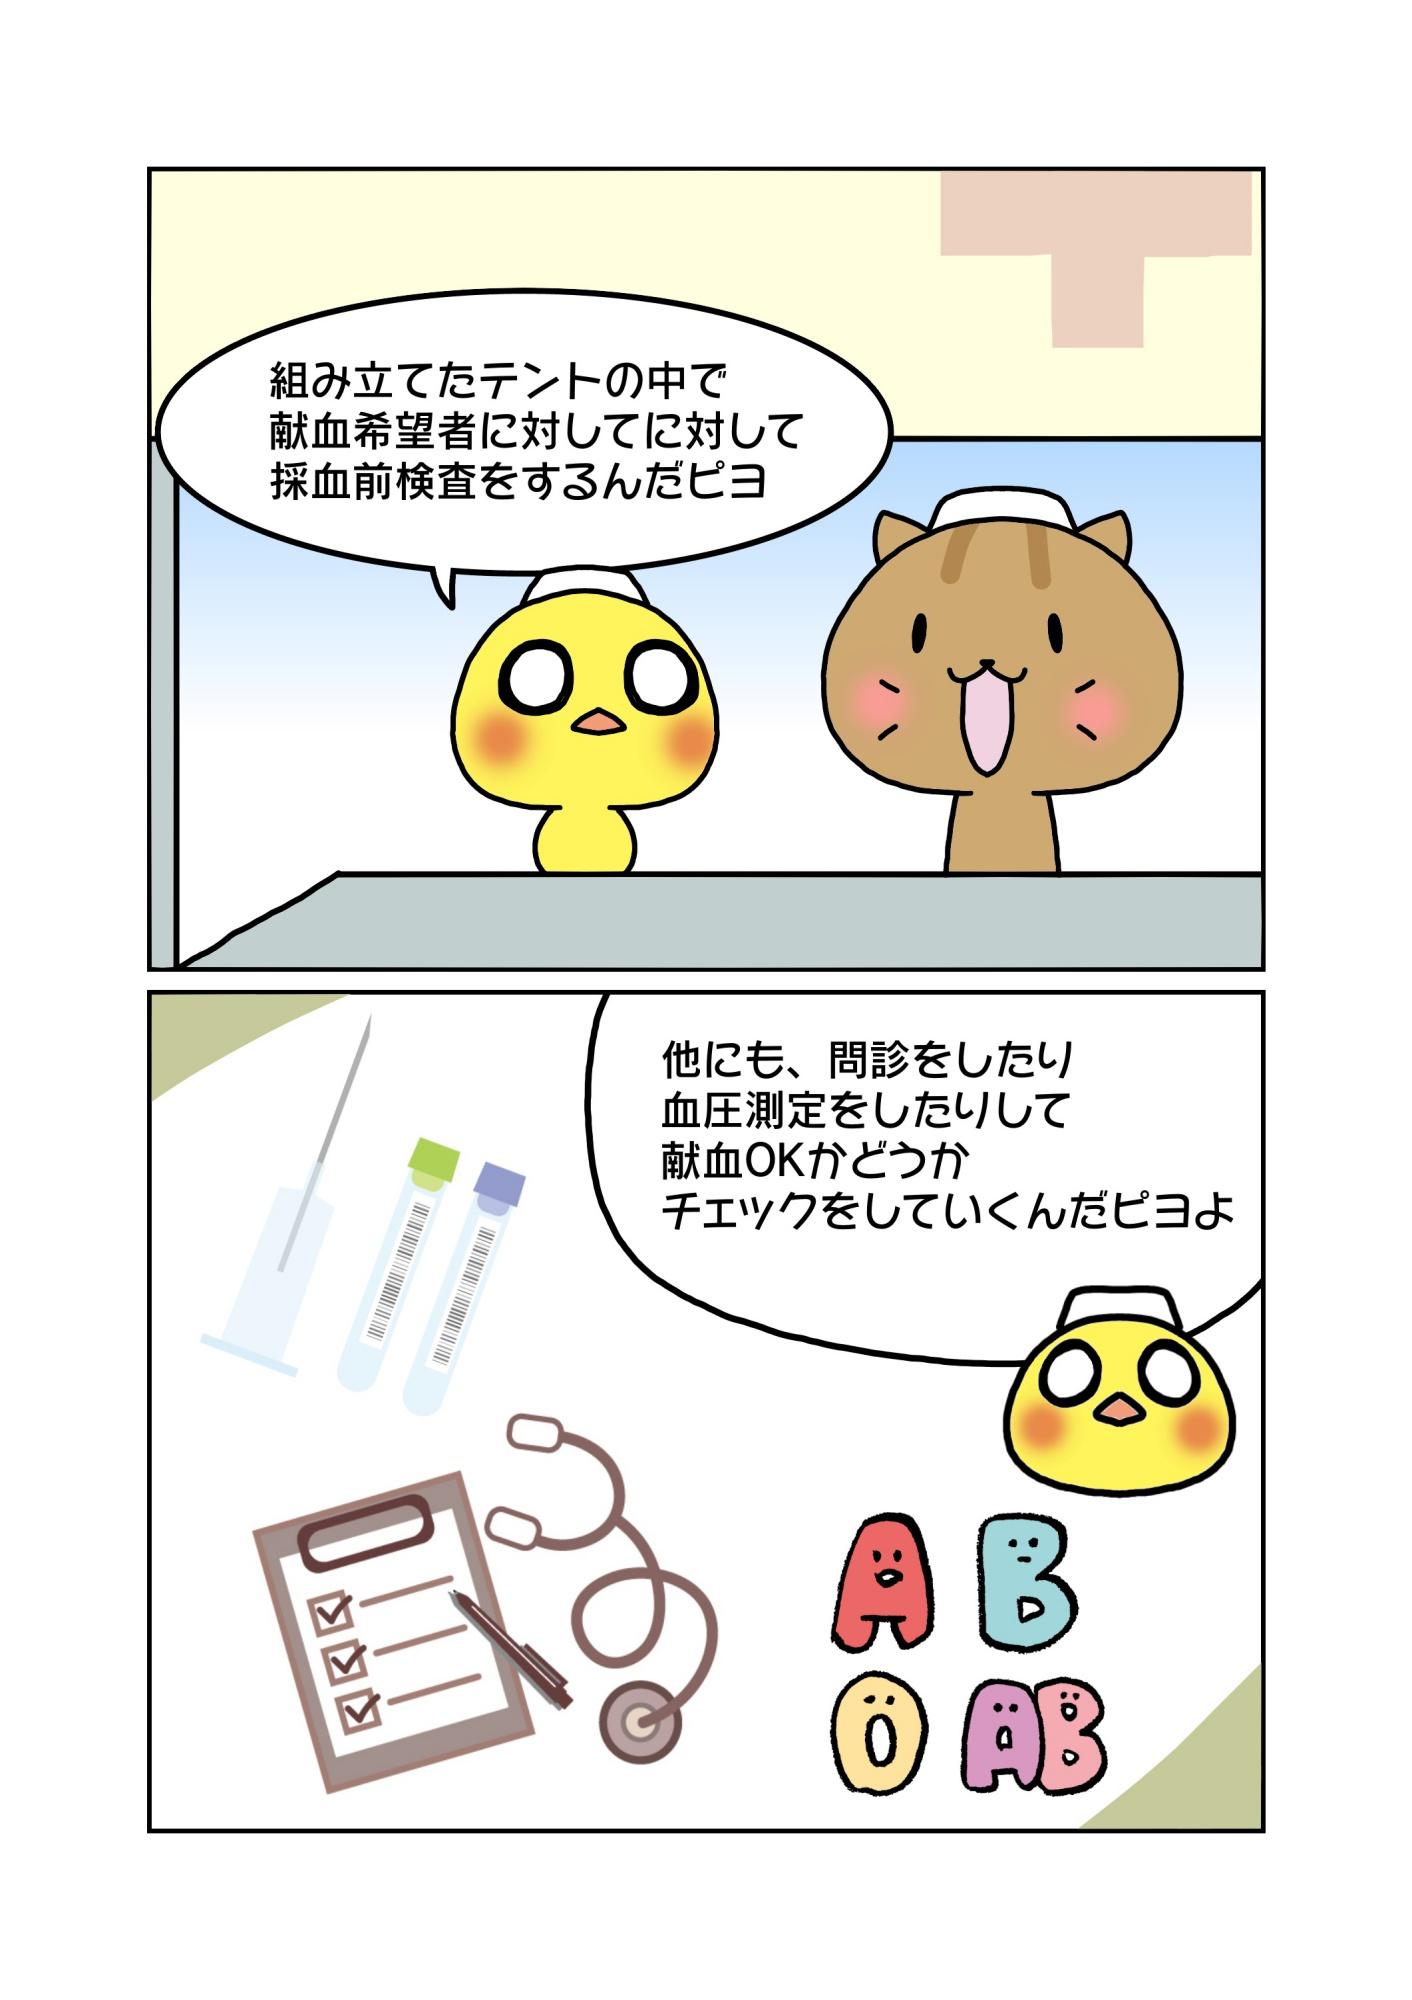 「仕事の流れ④ 献血受付開始⇒採血前検査を行う」マンガ